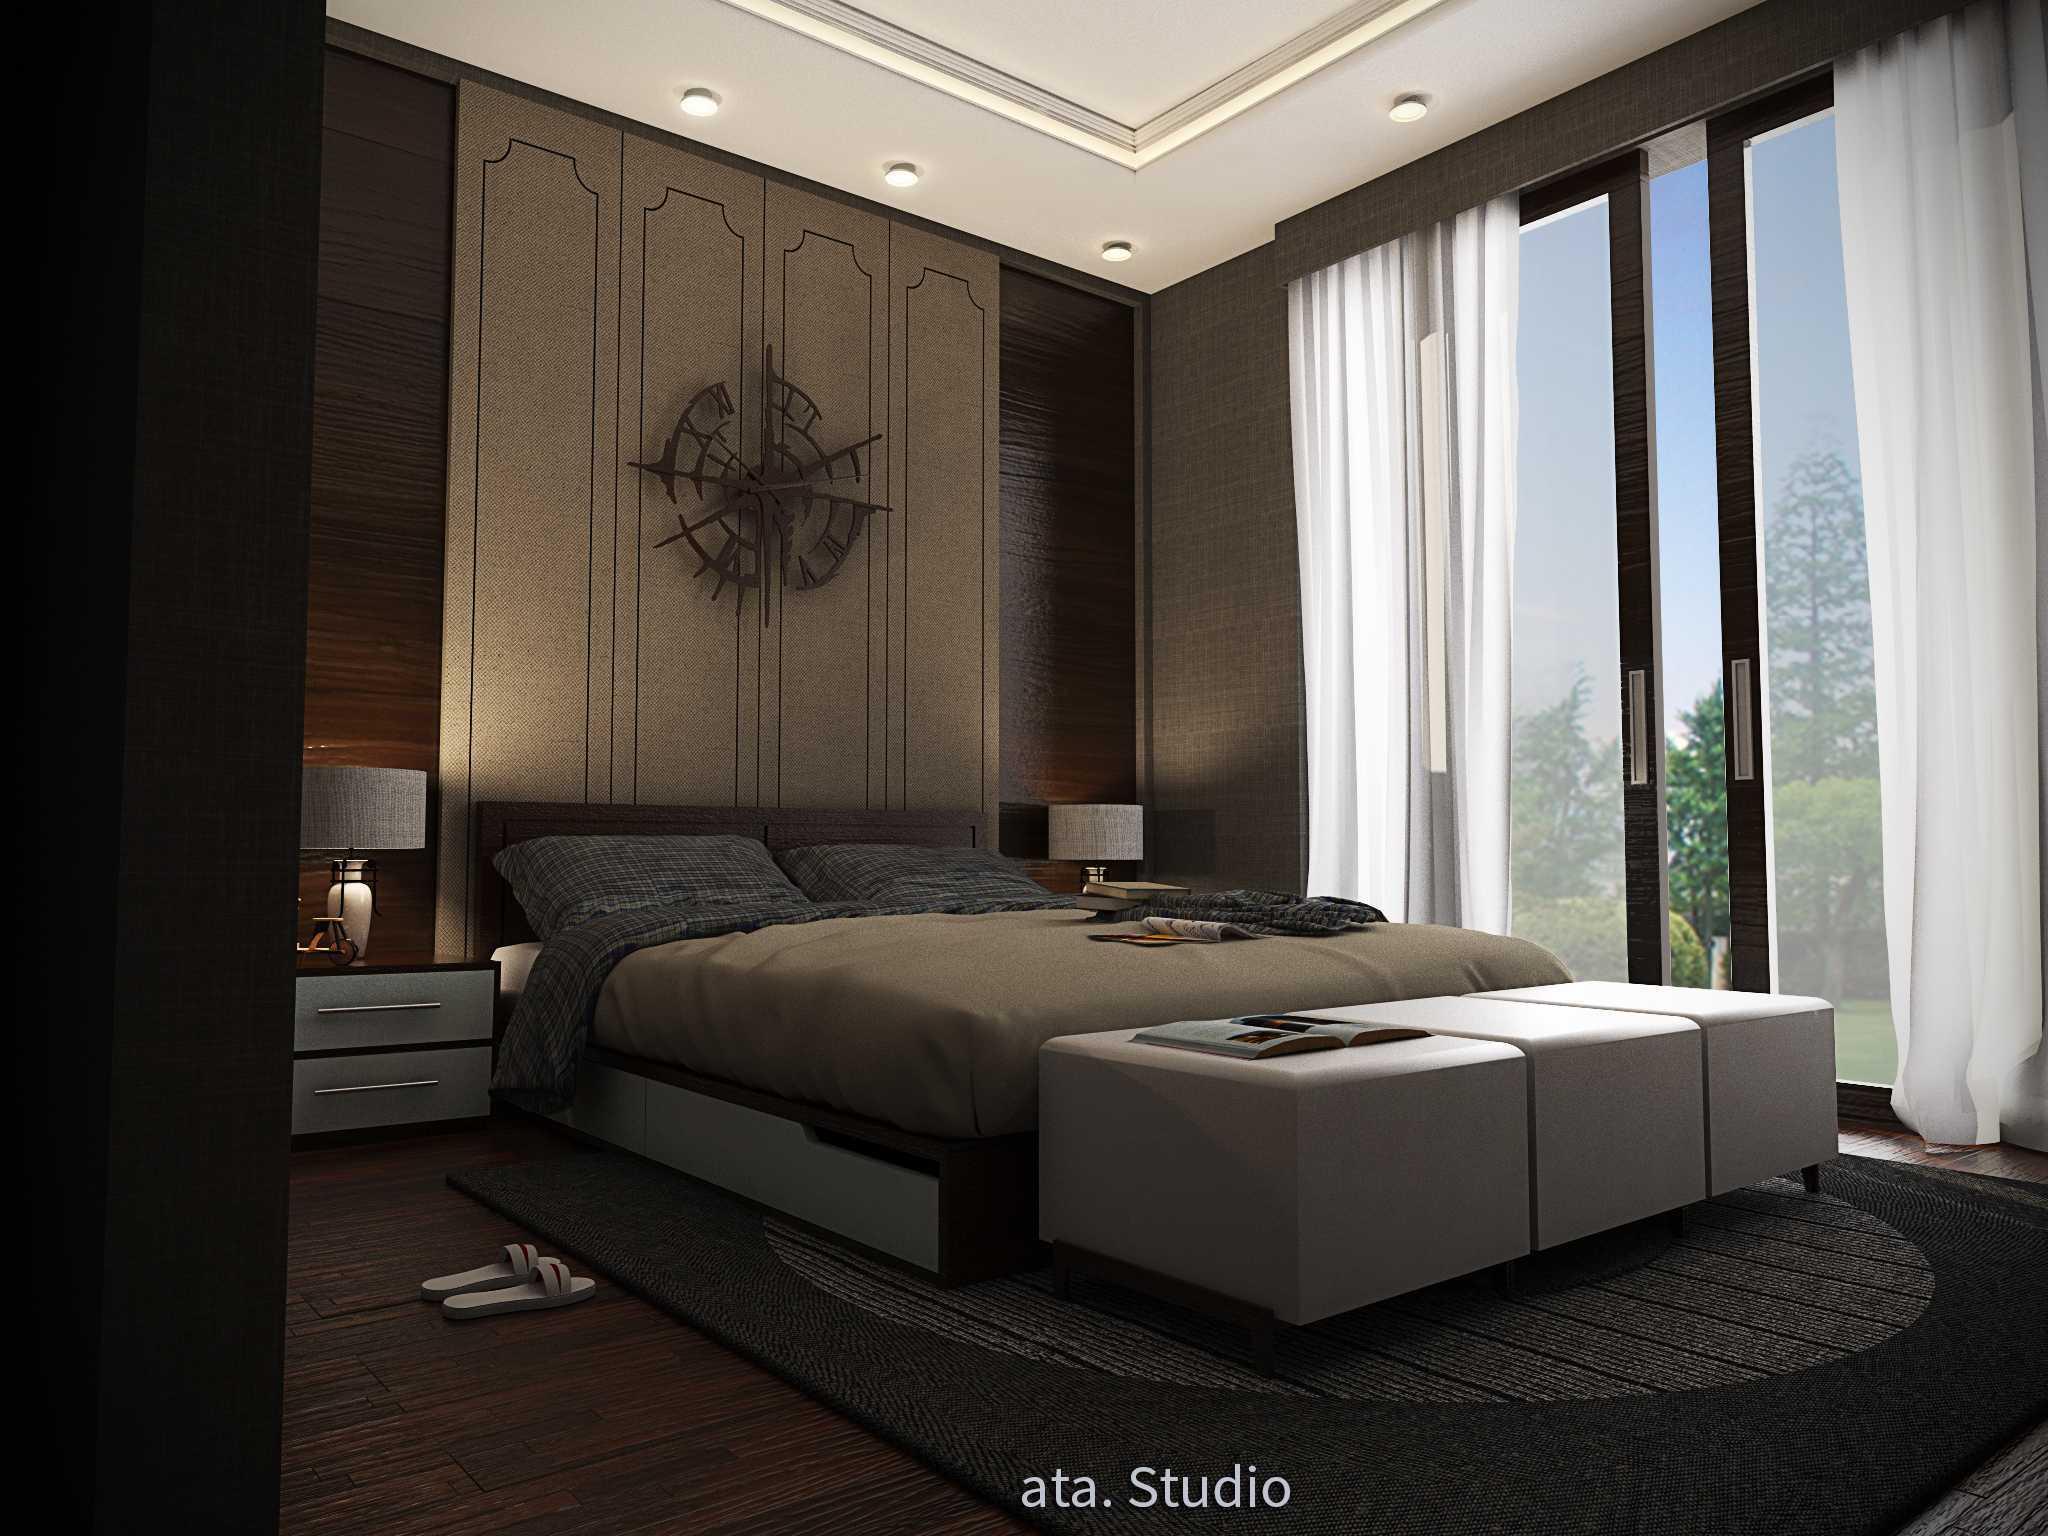 Ata. Studio A-House Kec. Anyar, Serang, Banten, Indonesia Kec. Anyar, Serang, Banten, Indonesia Ata-Studio-A-House  85677